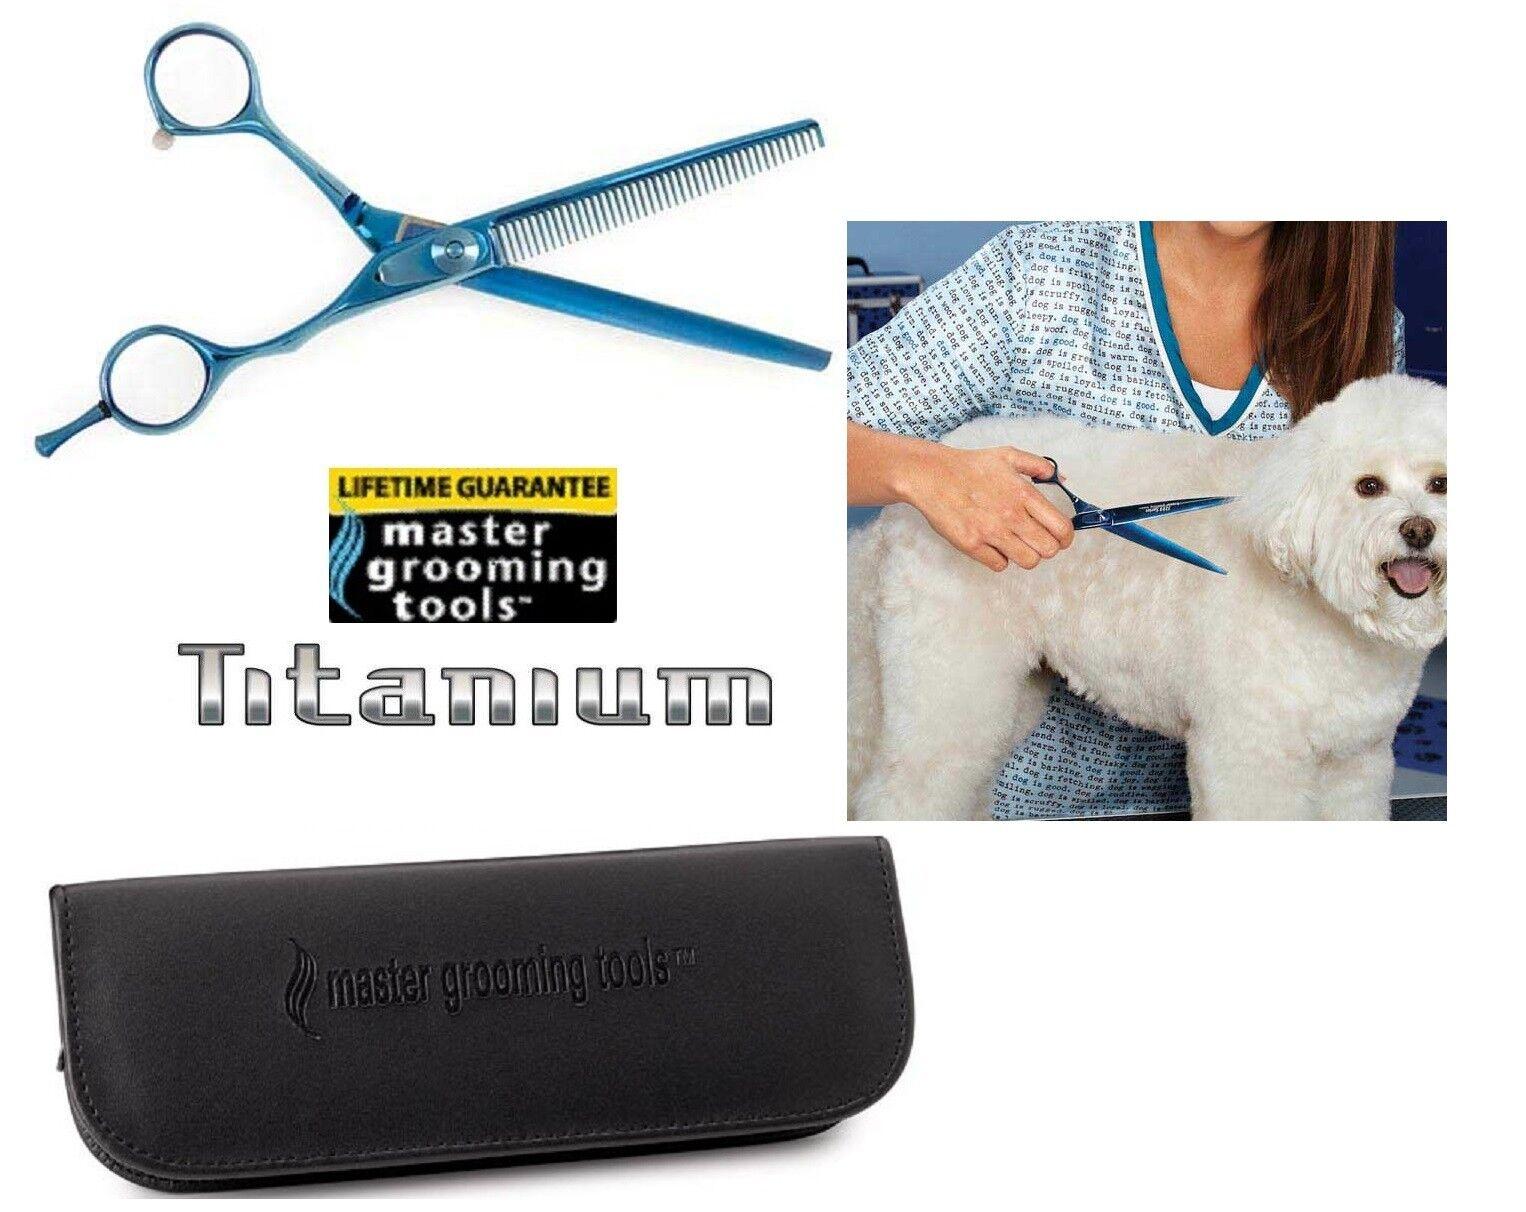 Master Grooming Tools TITANIUM 42 Tooth BLENDING SHEAR SCISSOR THINNER Blender